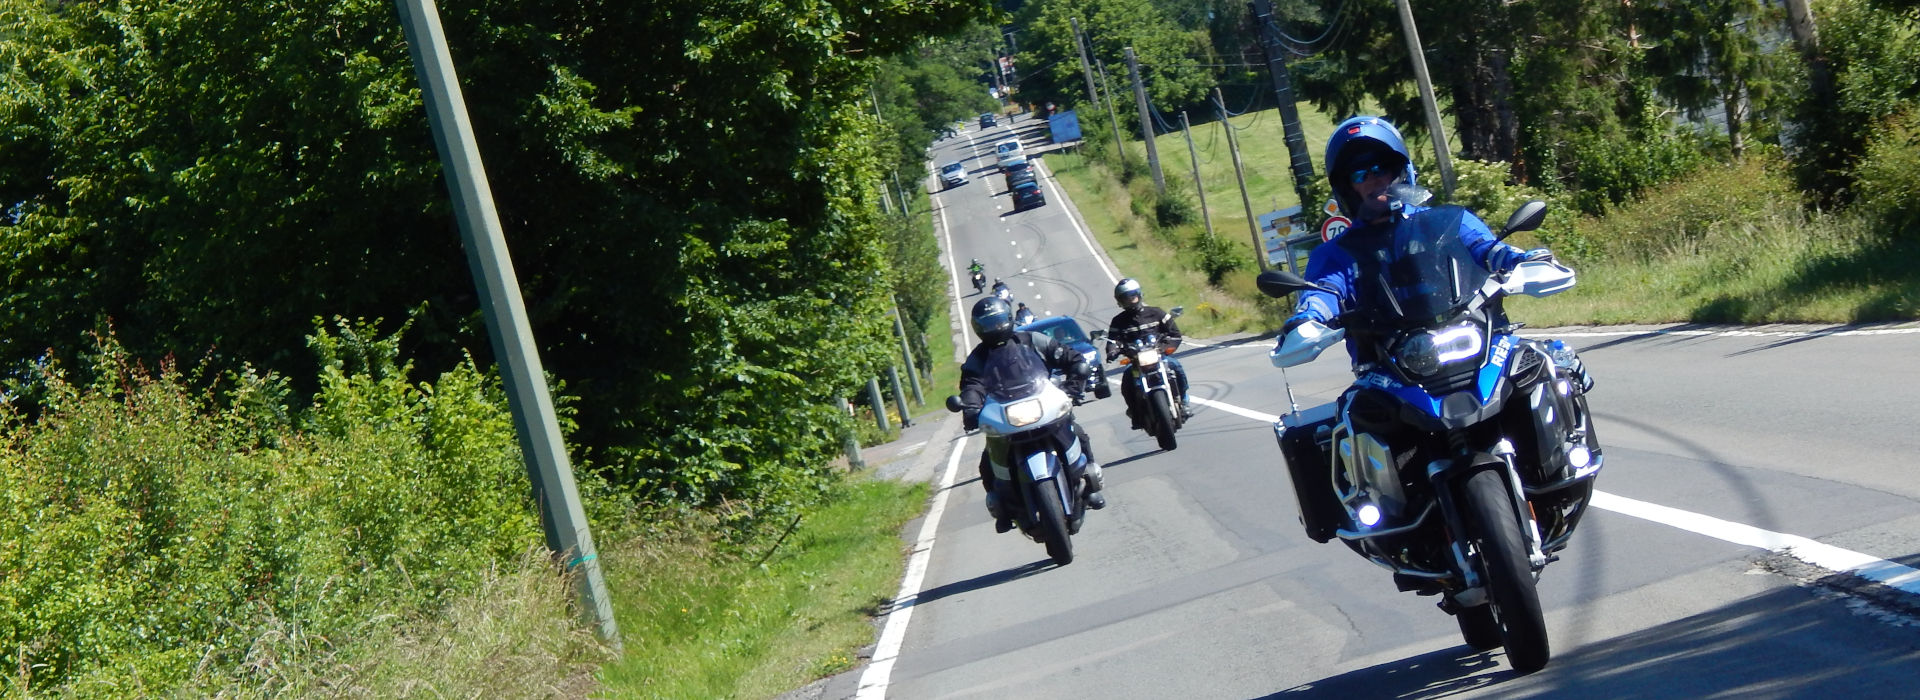 Motorrijbewijspoint Kerkdriel spoed motorrijbewijs